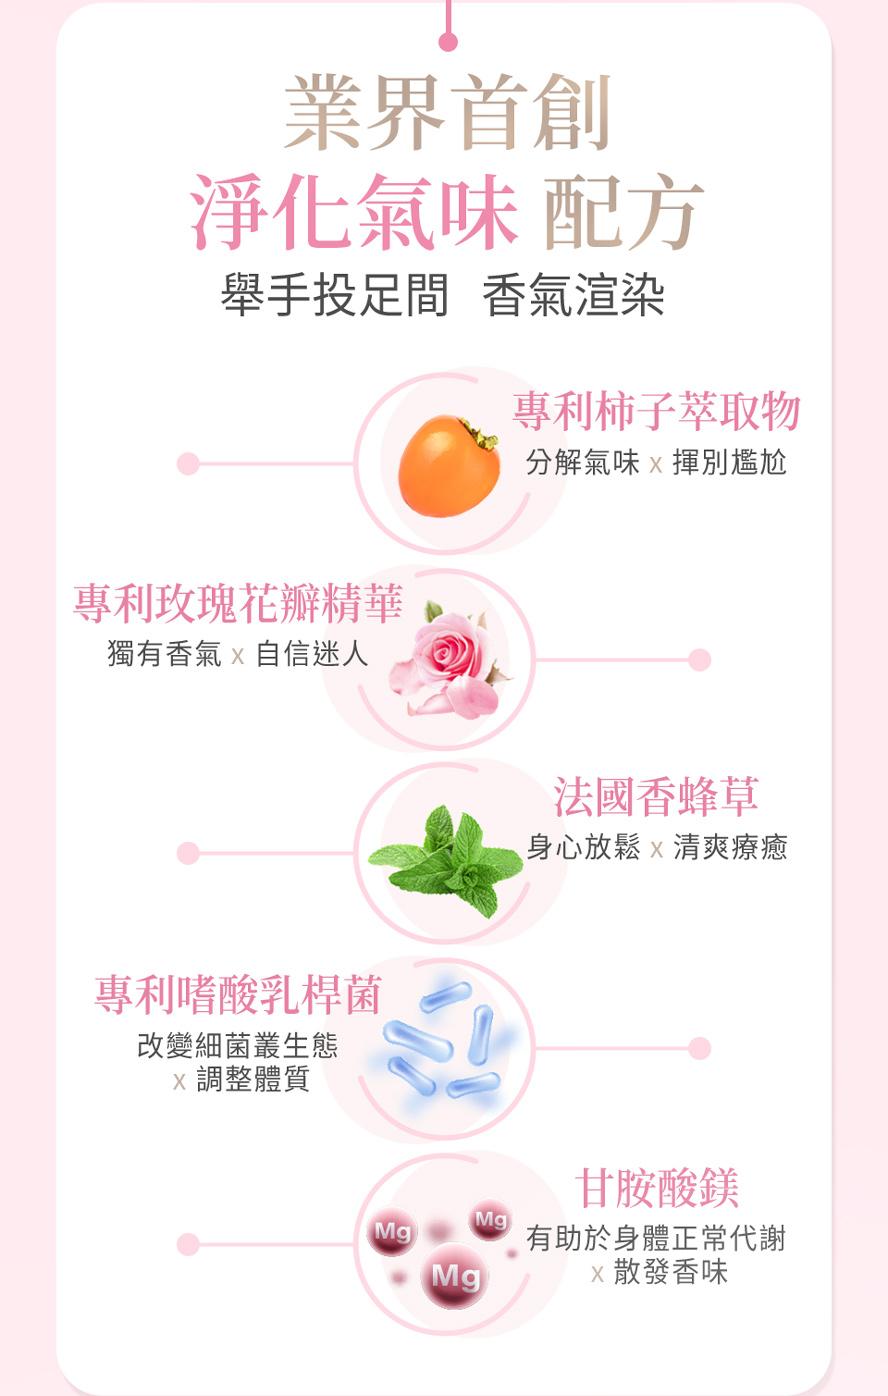 BHK香萃膠囊為業界首創的淨味配方,專利柿子萃取、專利玫瑰萃取、法國香蜂草萃取,維持體味香氛。